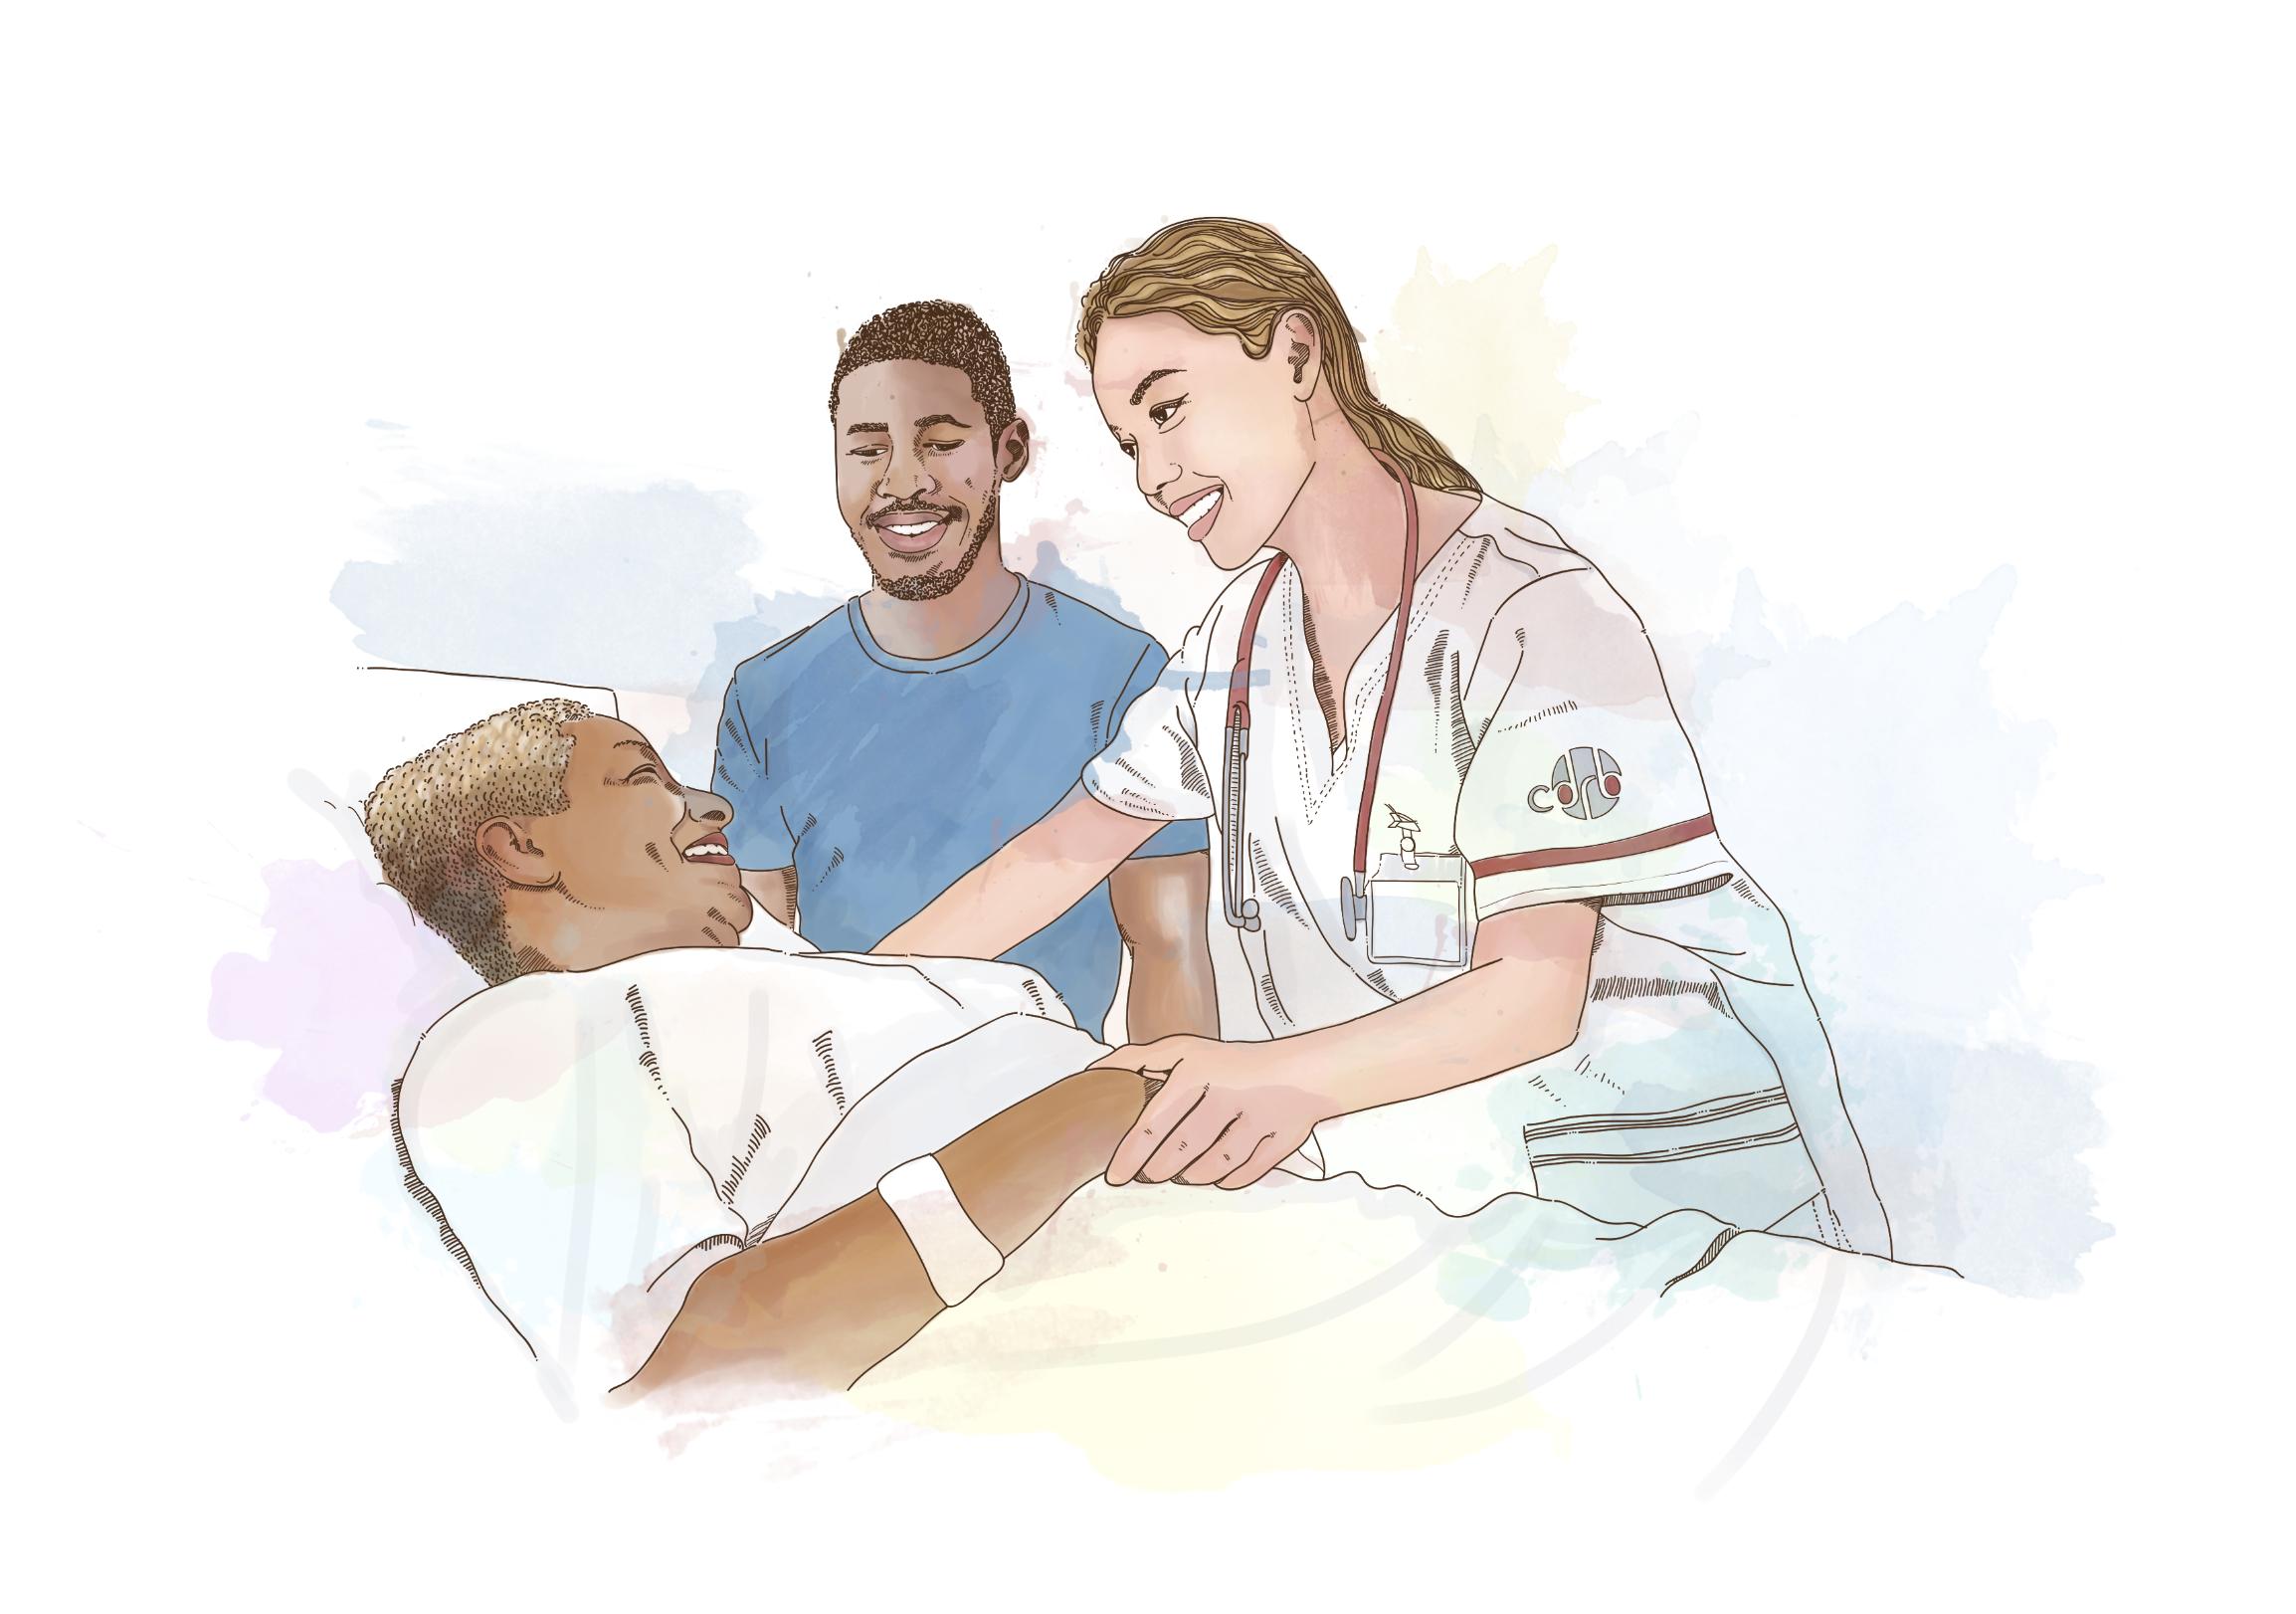 Uma enfermeira atendendo um paciente deitado em uma cama, ambos sorrindo